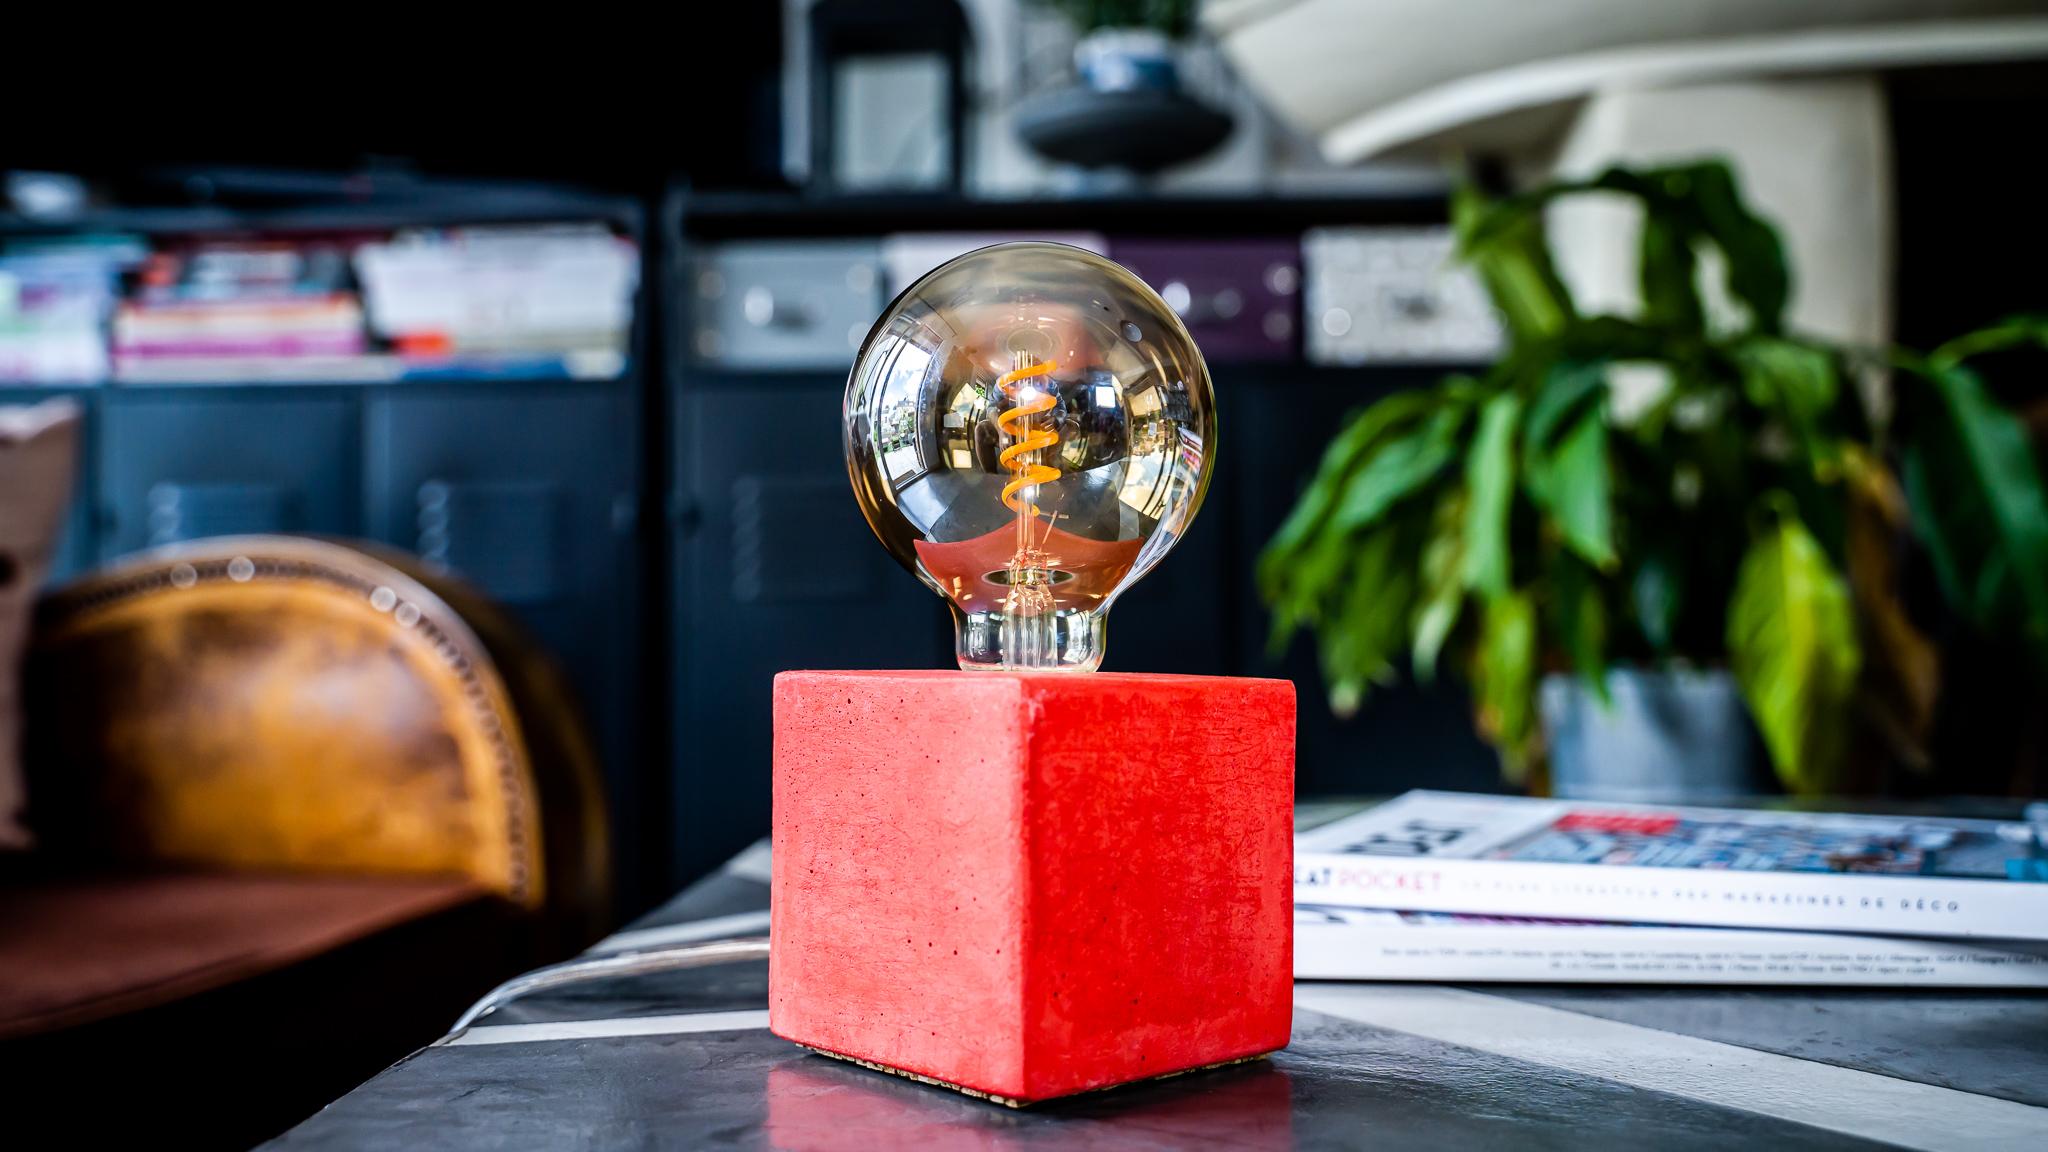 Lampe cube en béton rouge fabrication artisanale